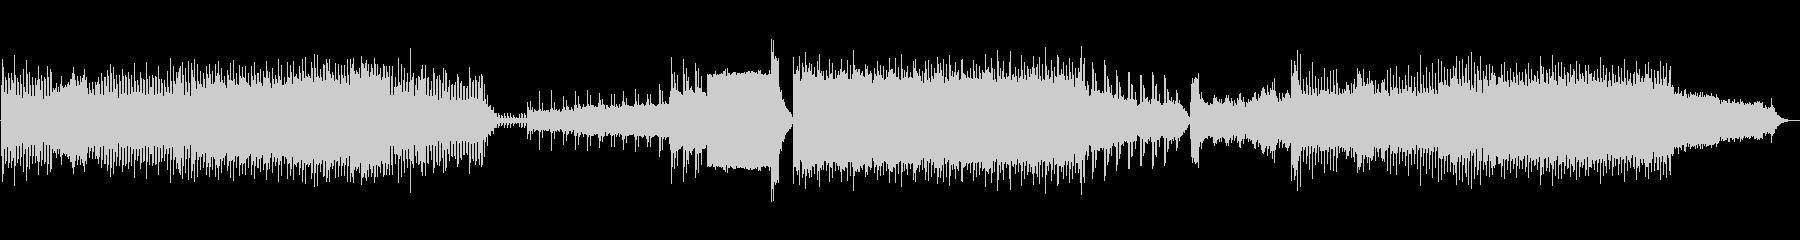 90年代風のユーロテクノ音楽。さま...の未再生の波形